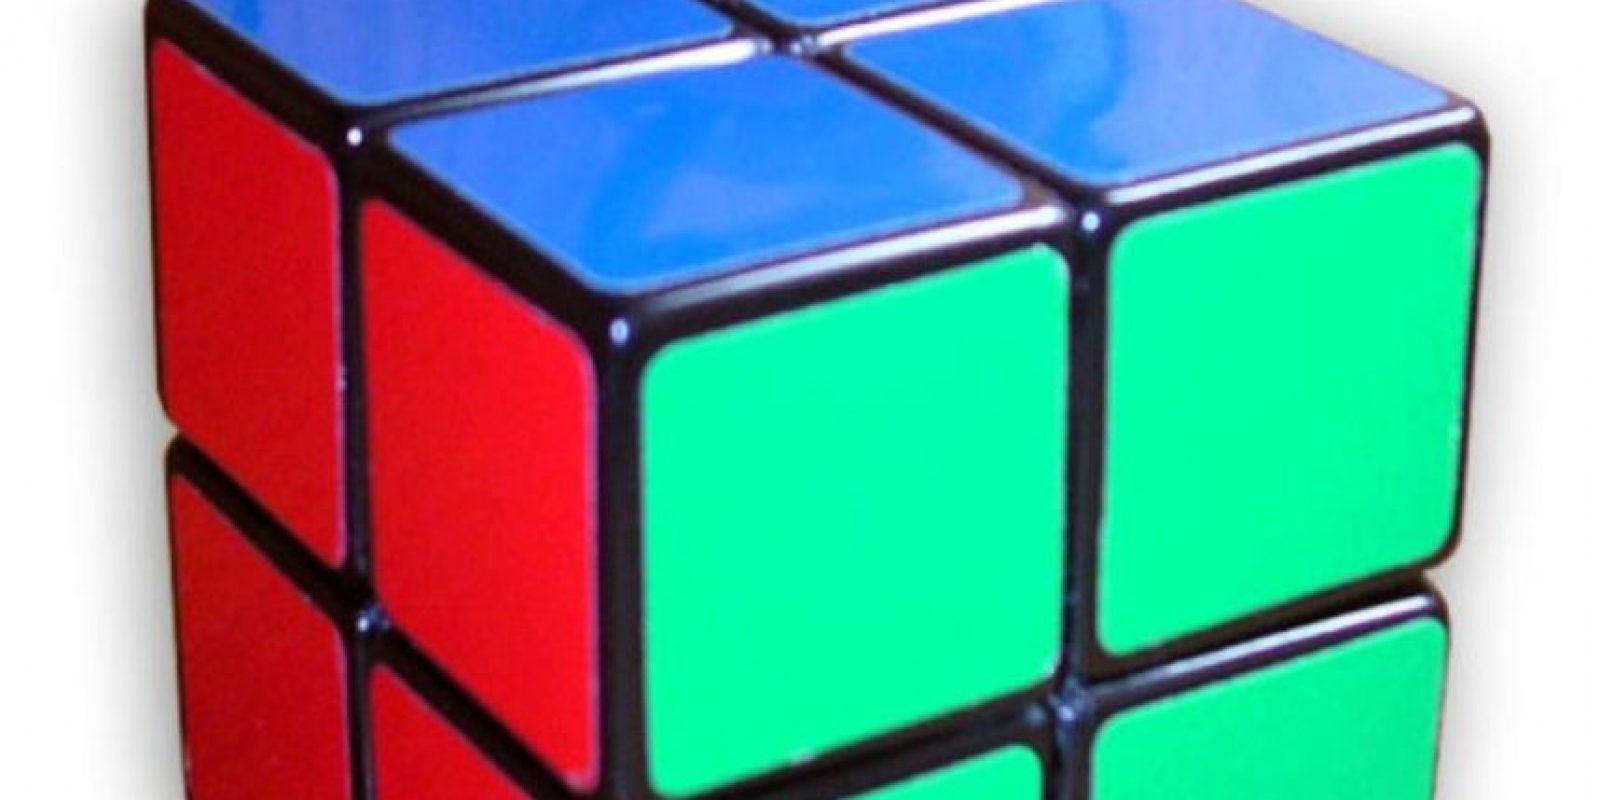 Le sigue el cubo sencillo de 2x2x2. Foto:Wikicommons